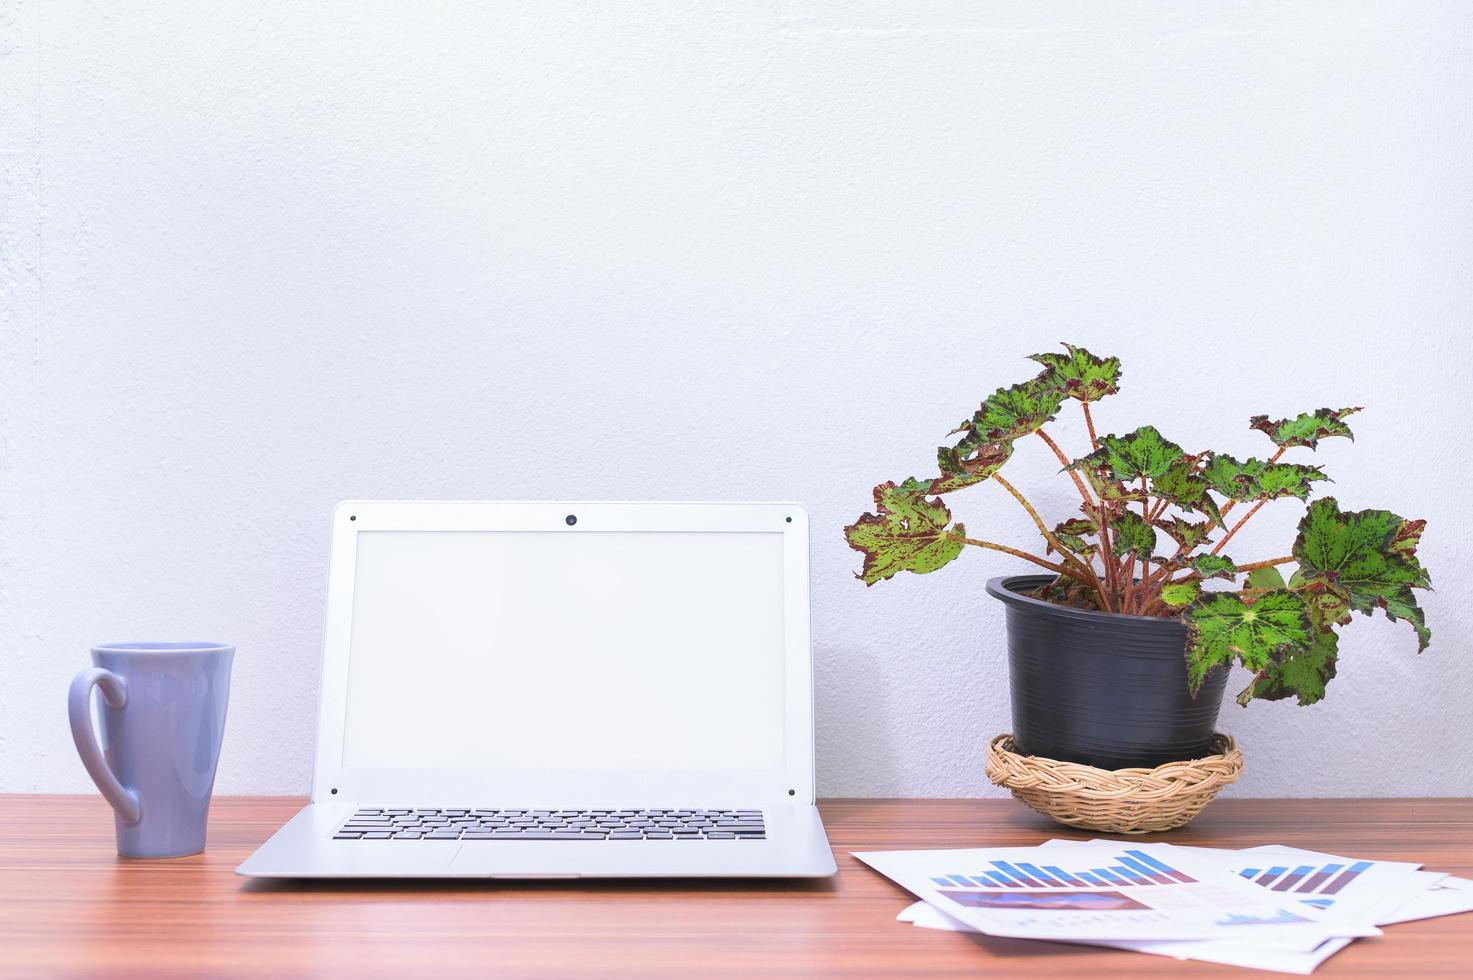 computadora portátil y flor en el escritorio foto